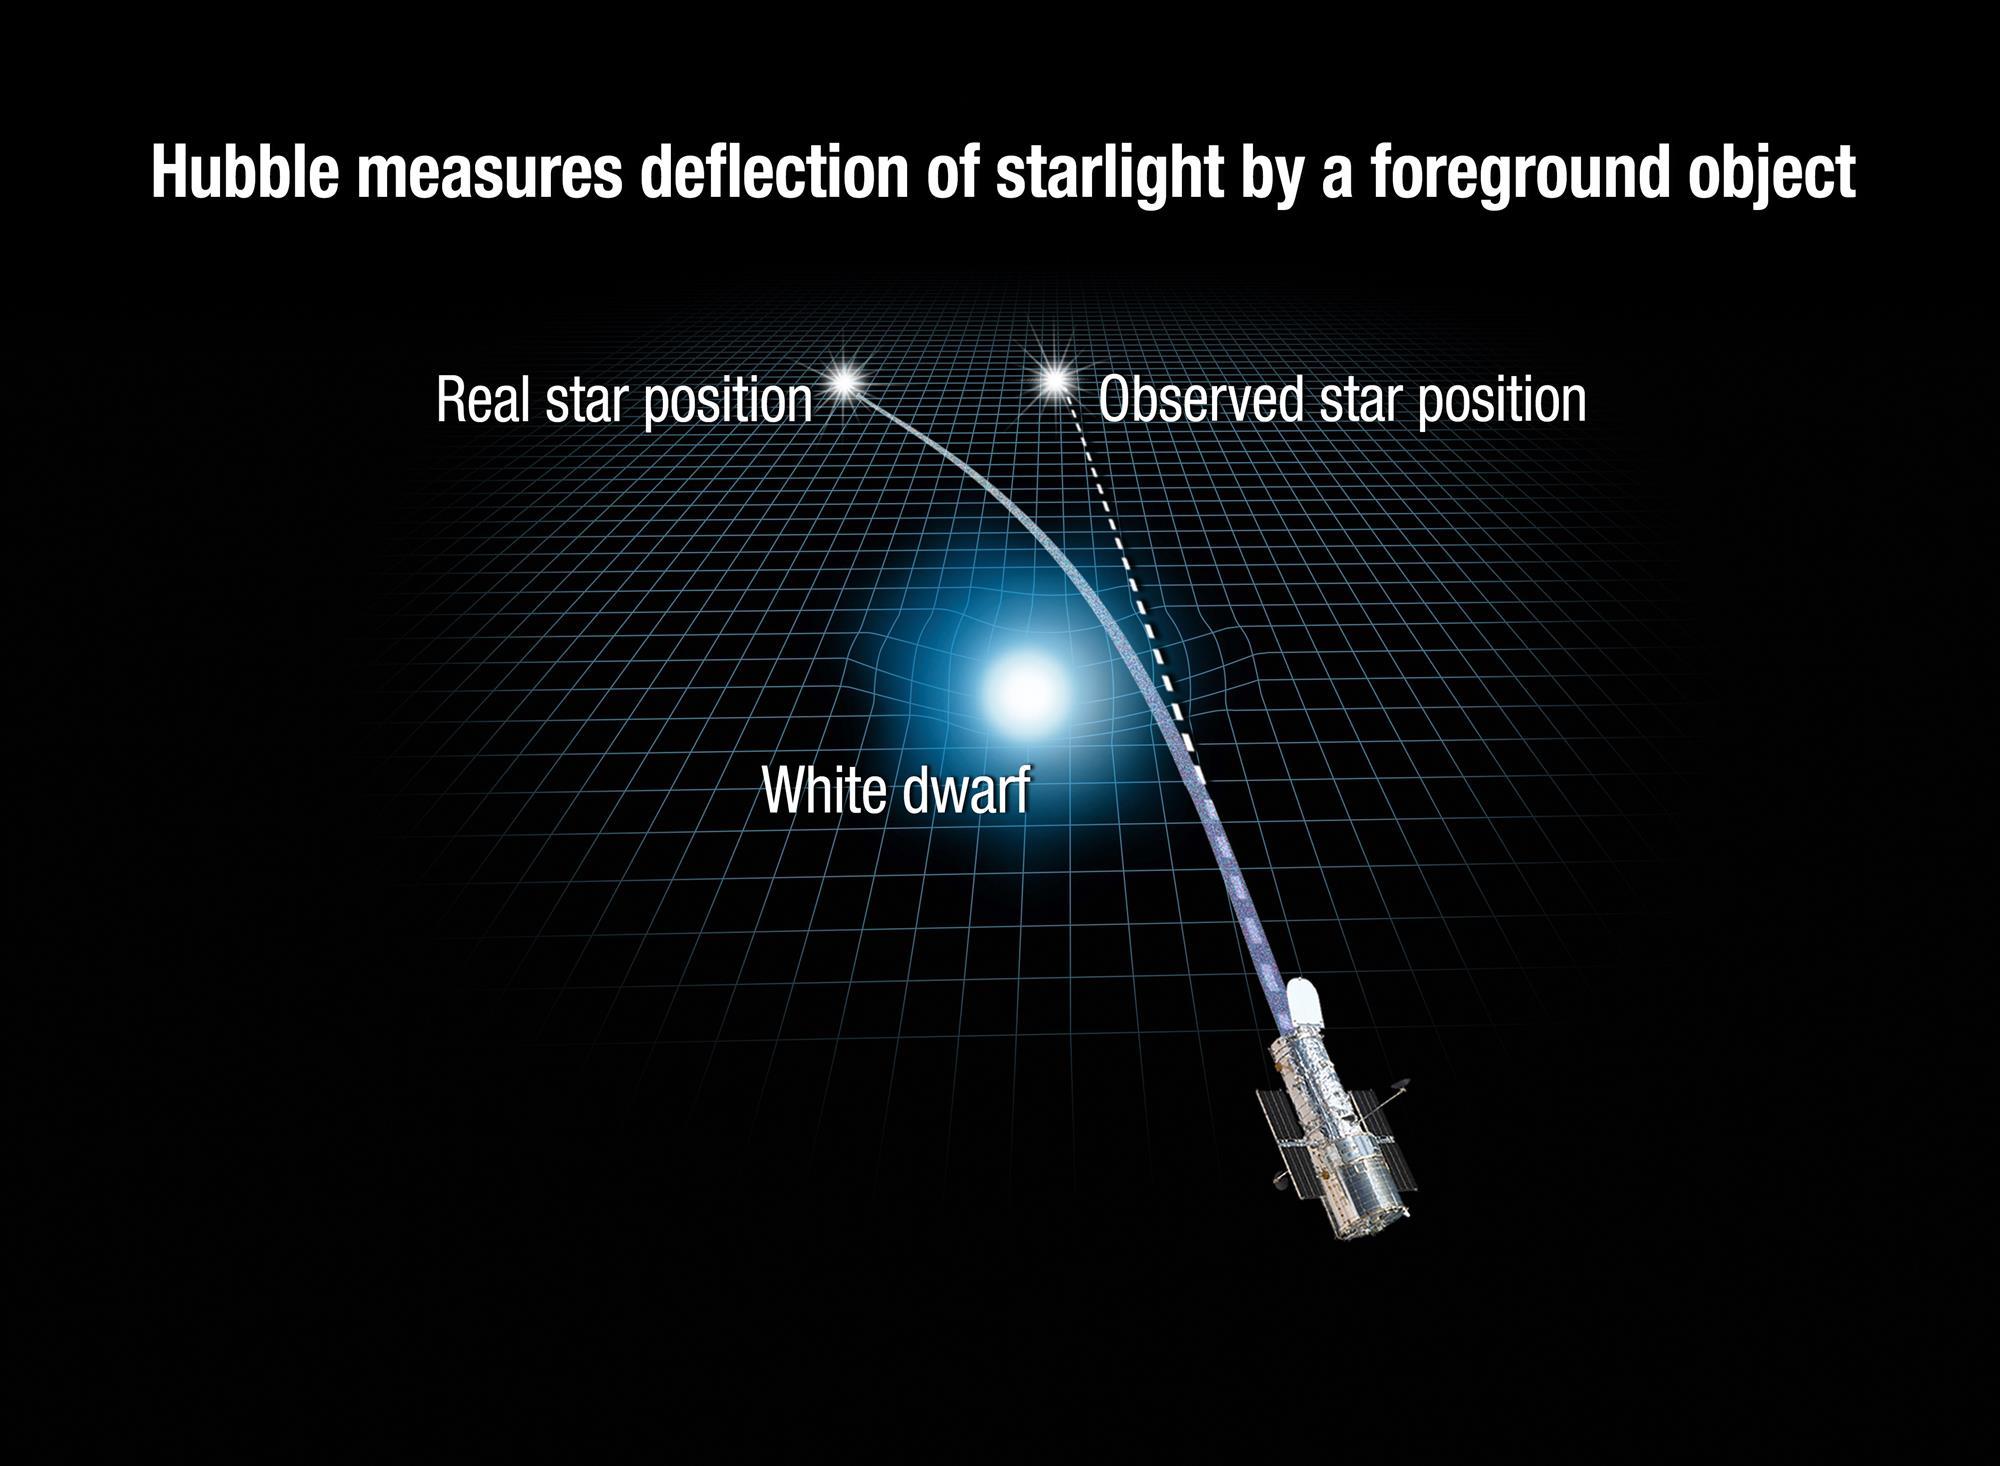 El Hubble observa uno de los fenómenos estudiados por Albert Einstein